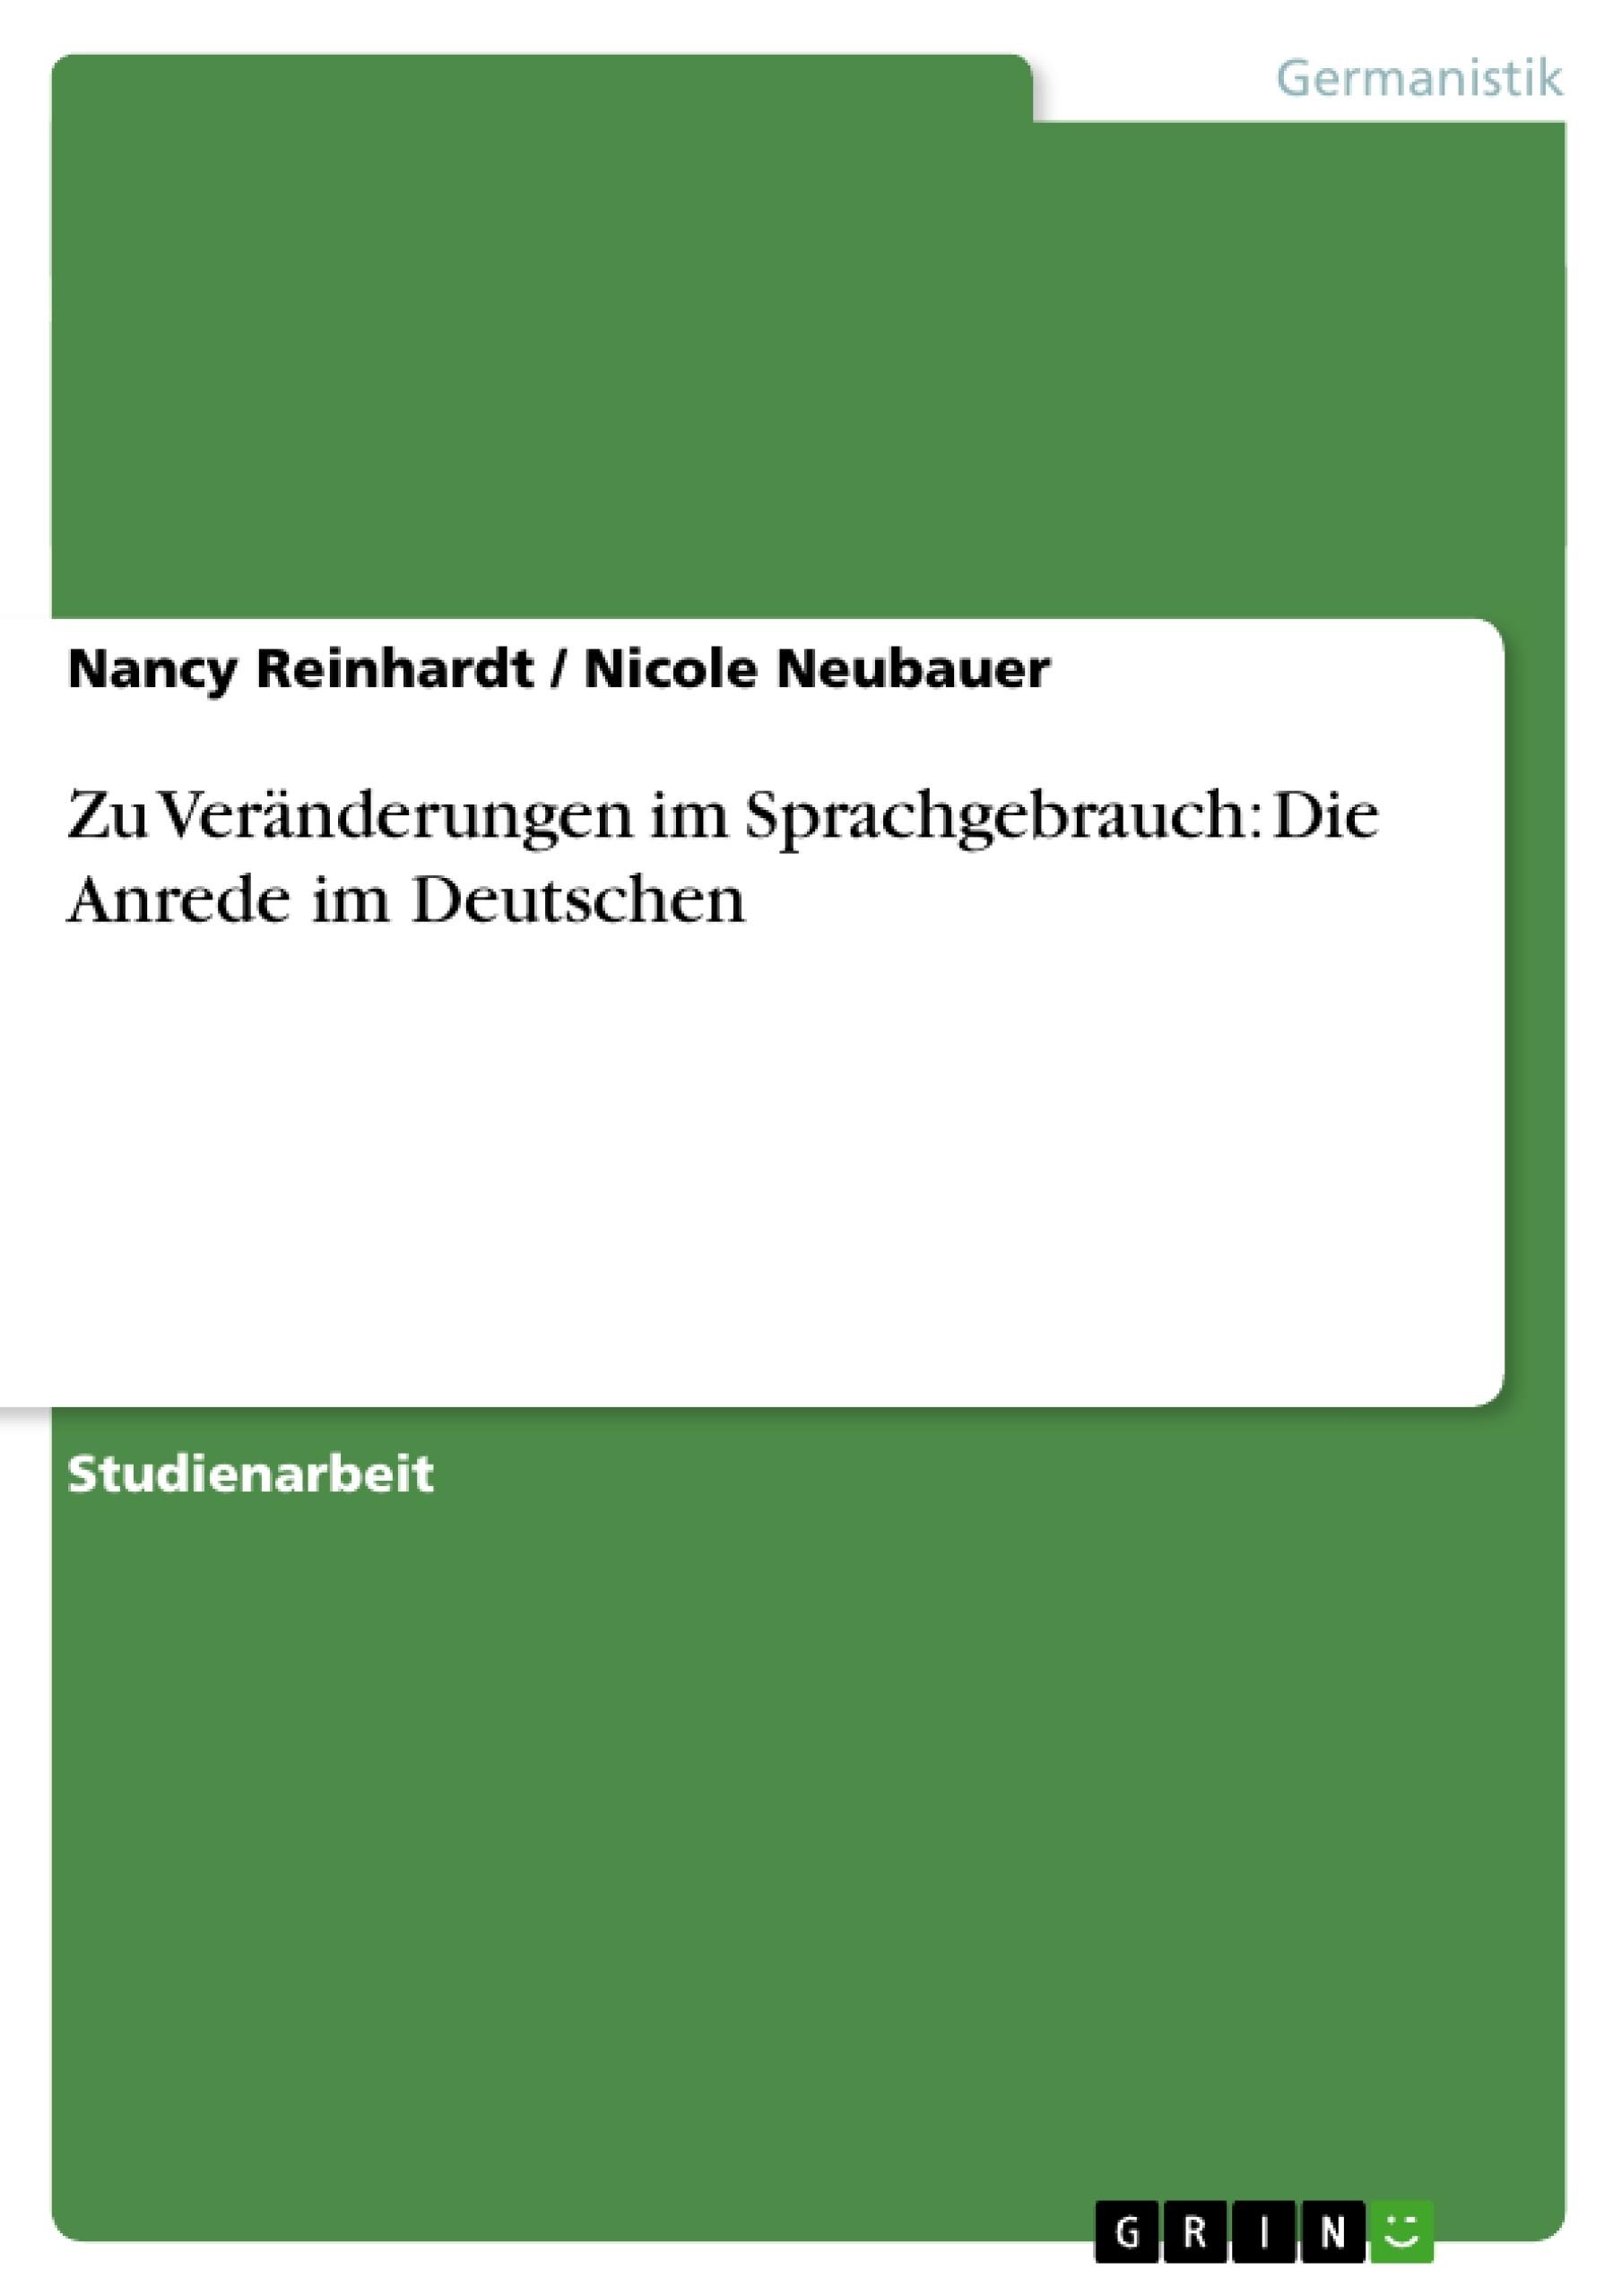 Titel: Zu Veränderungen im Sprachgebrauch: Die Anrede im Deutschen